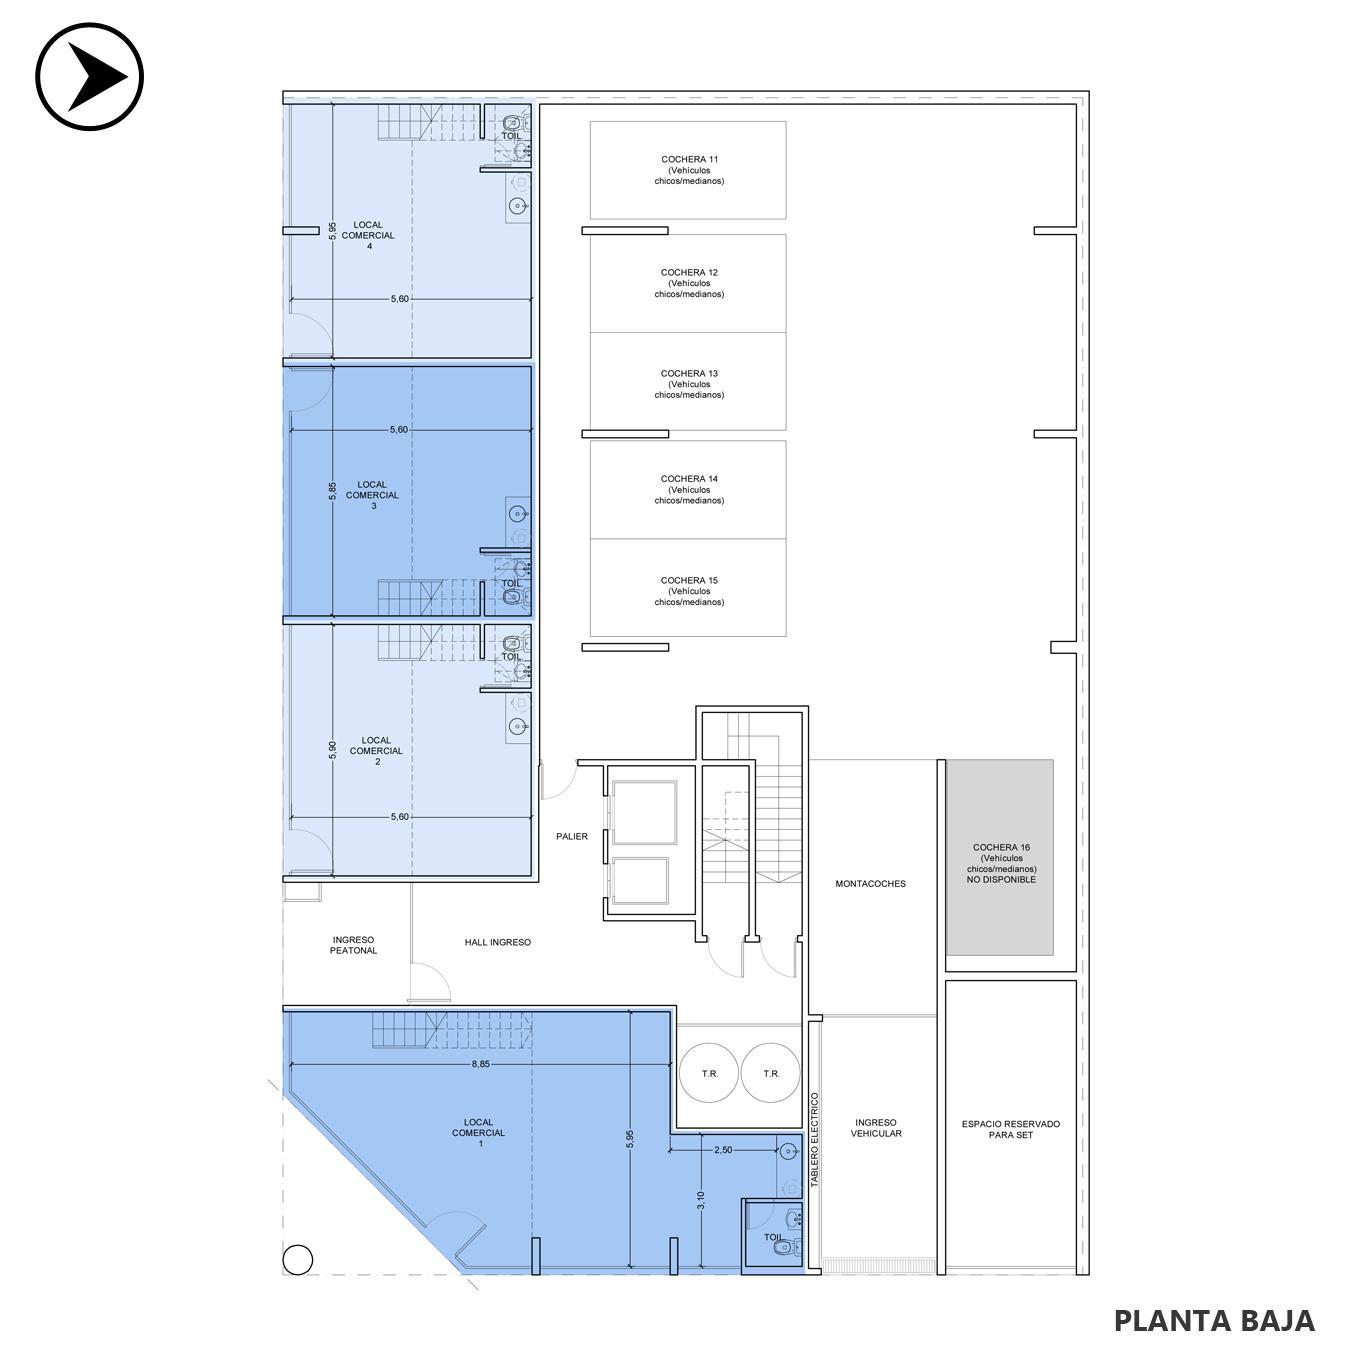 Venta departamento 1 dormitorio Rosario, República De La Sexta. Cod CBU24602 AP2290743. Crestale Propiedades